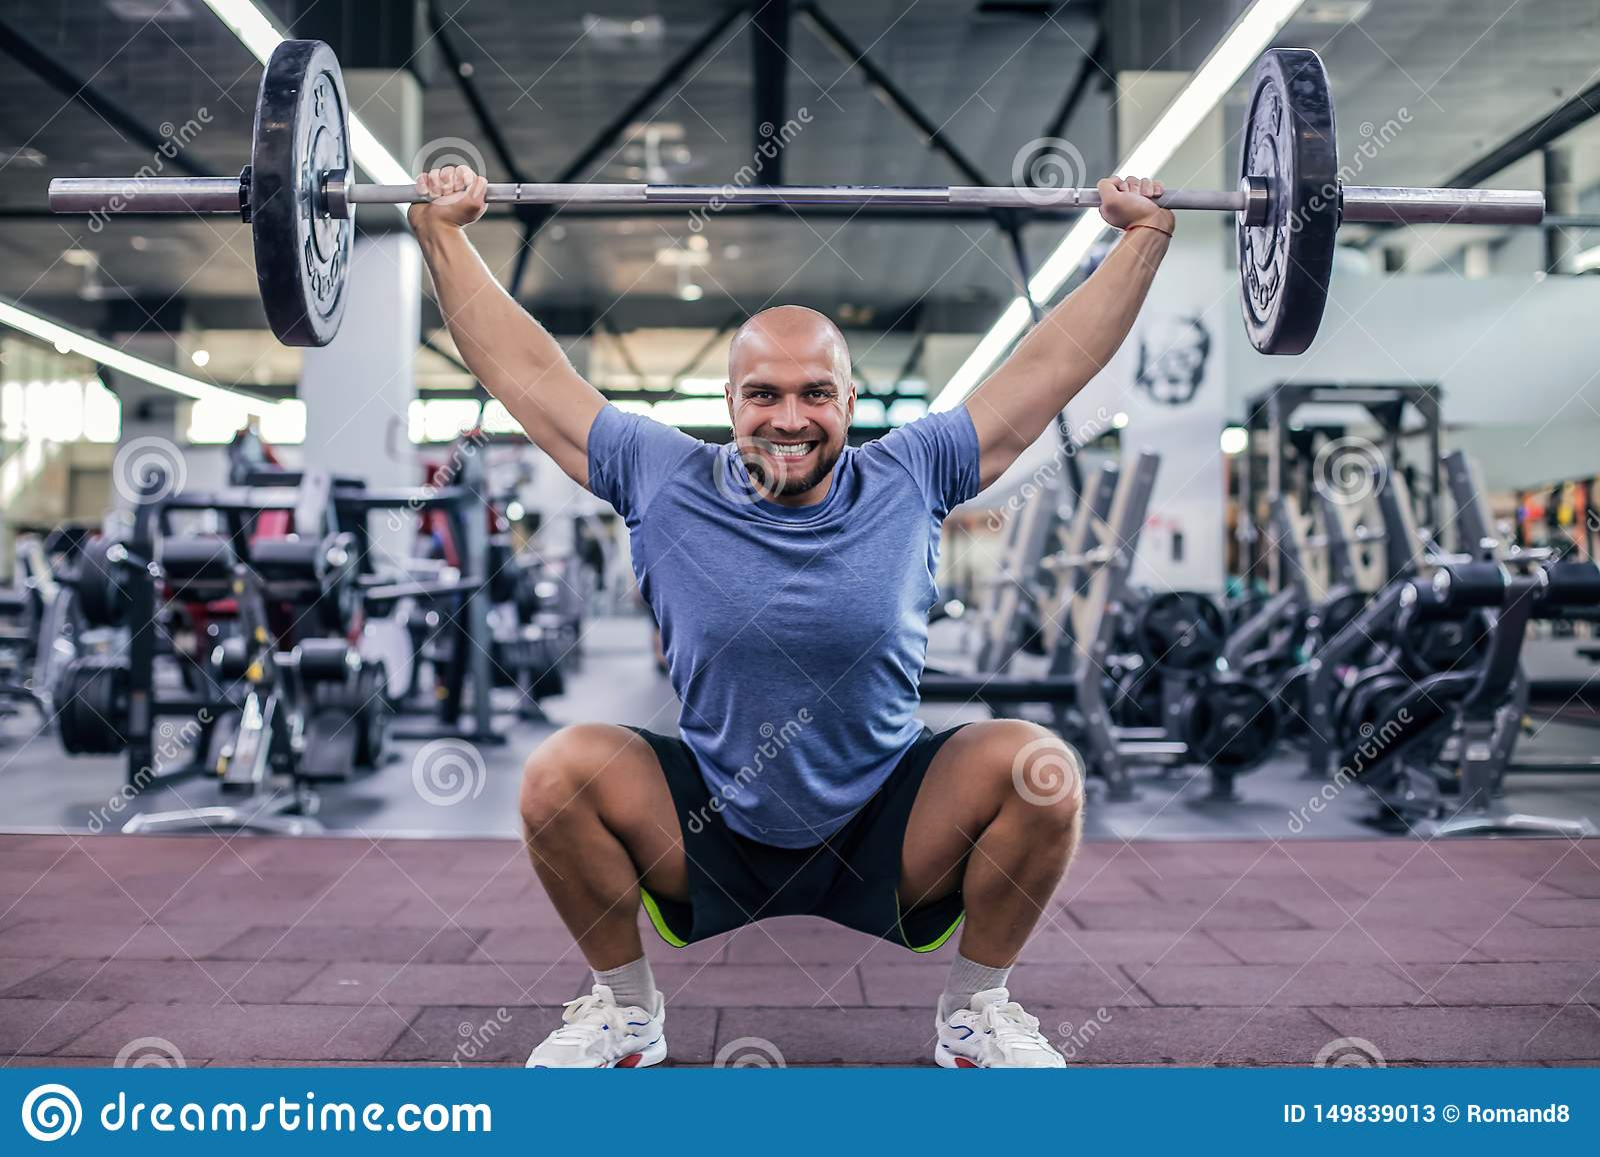 举的重量和尖叫 运动服举的杠铃的年轻帅哥在健身房